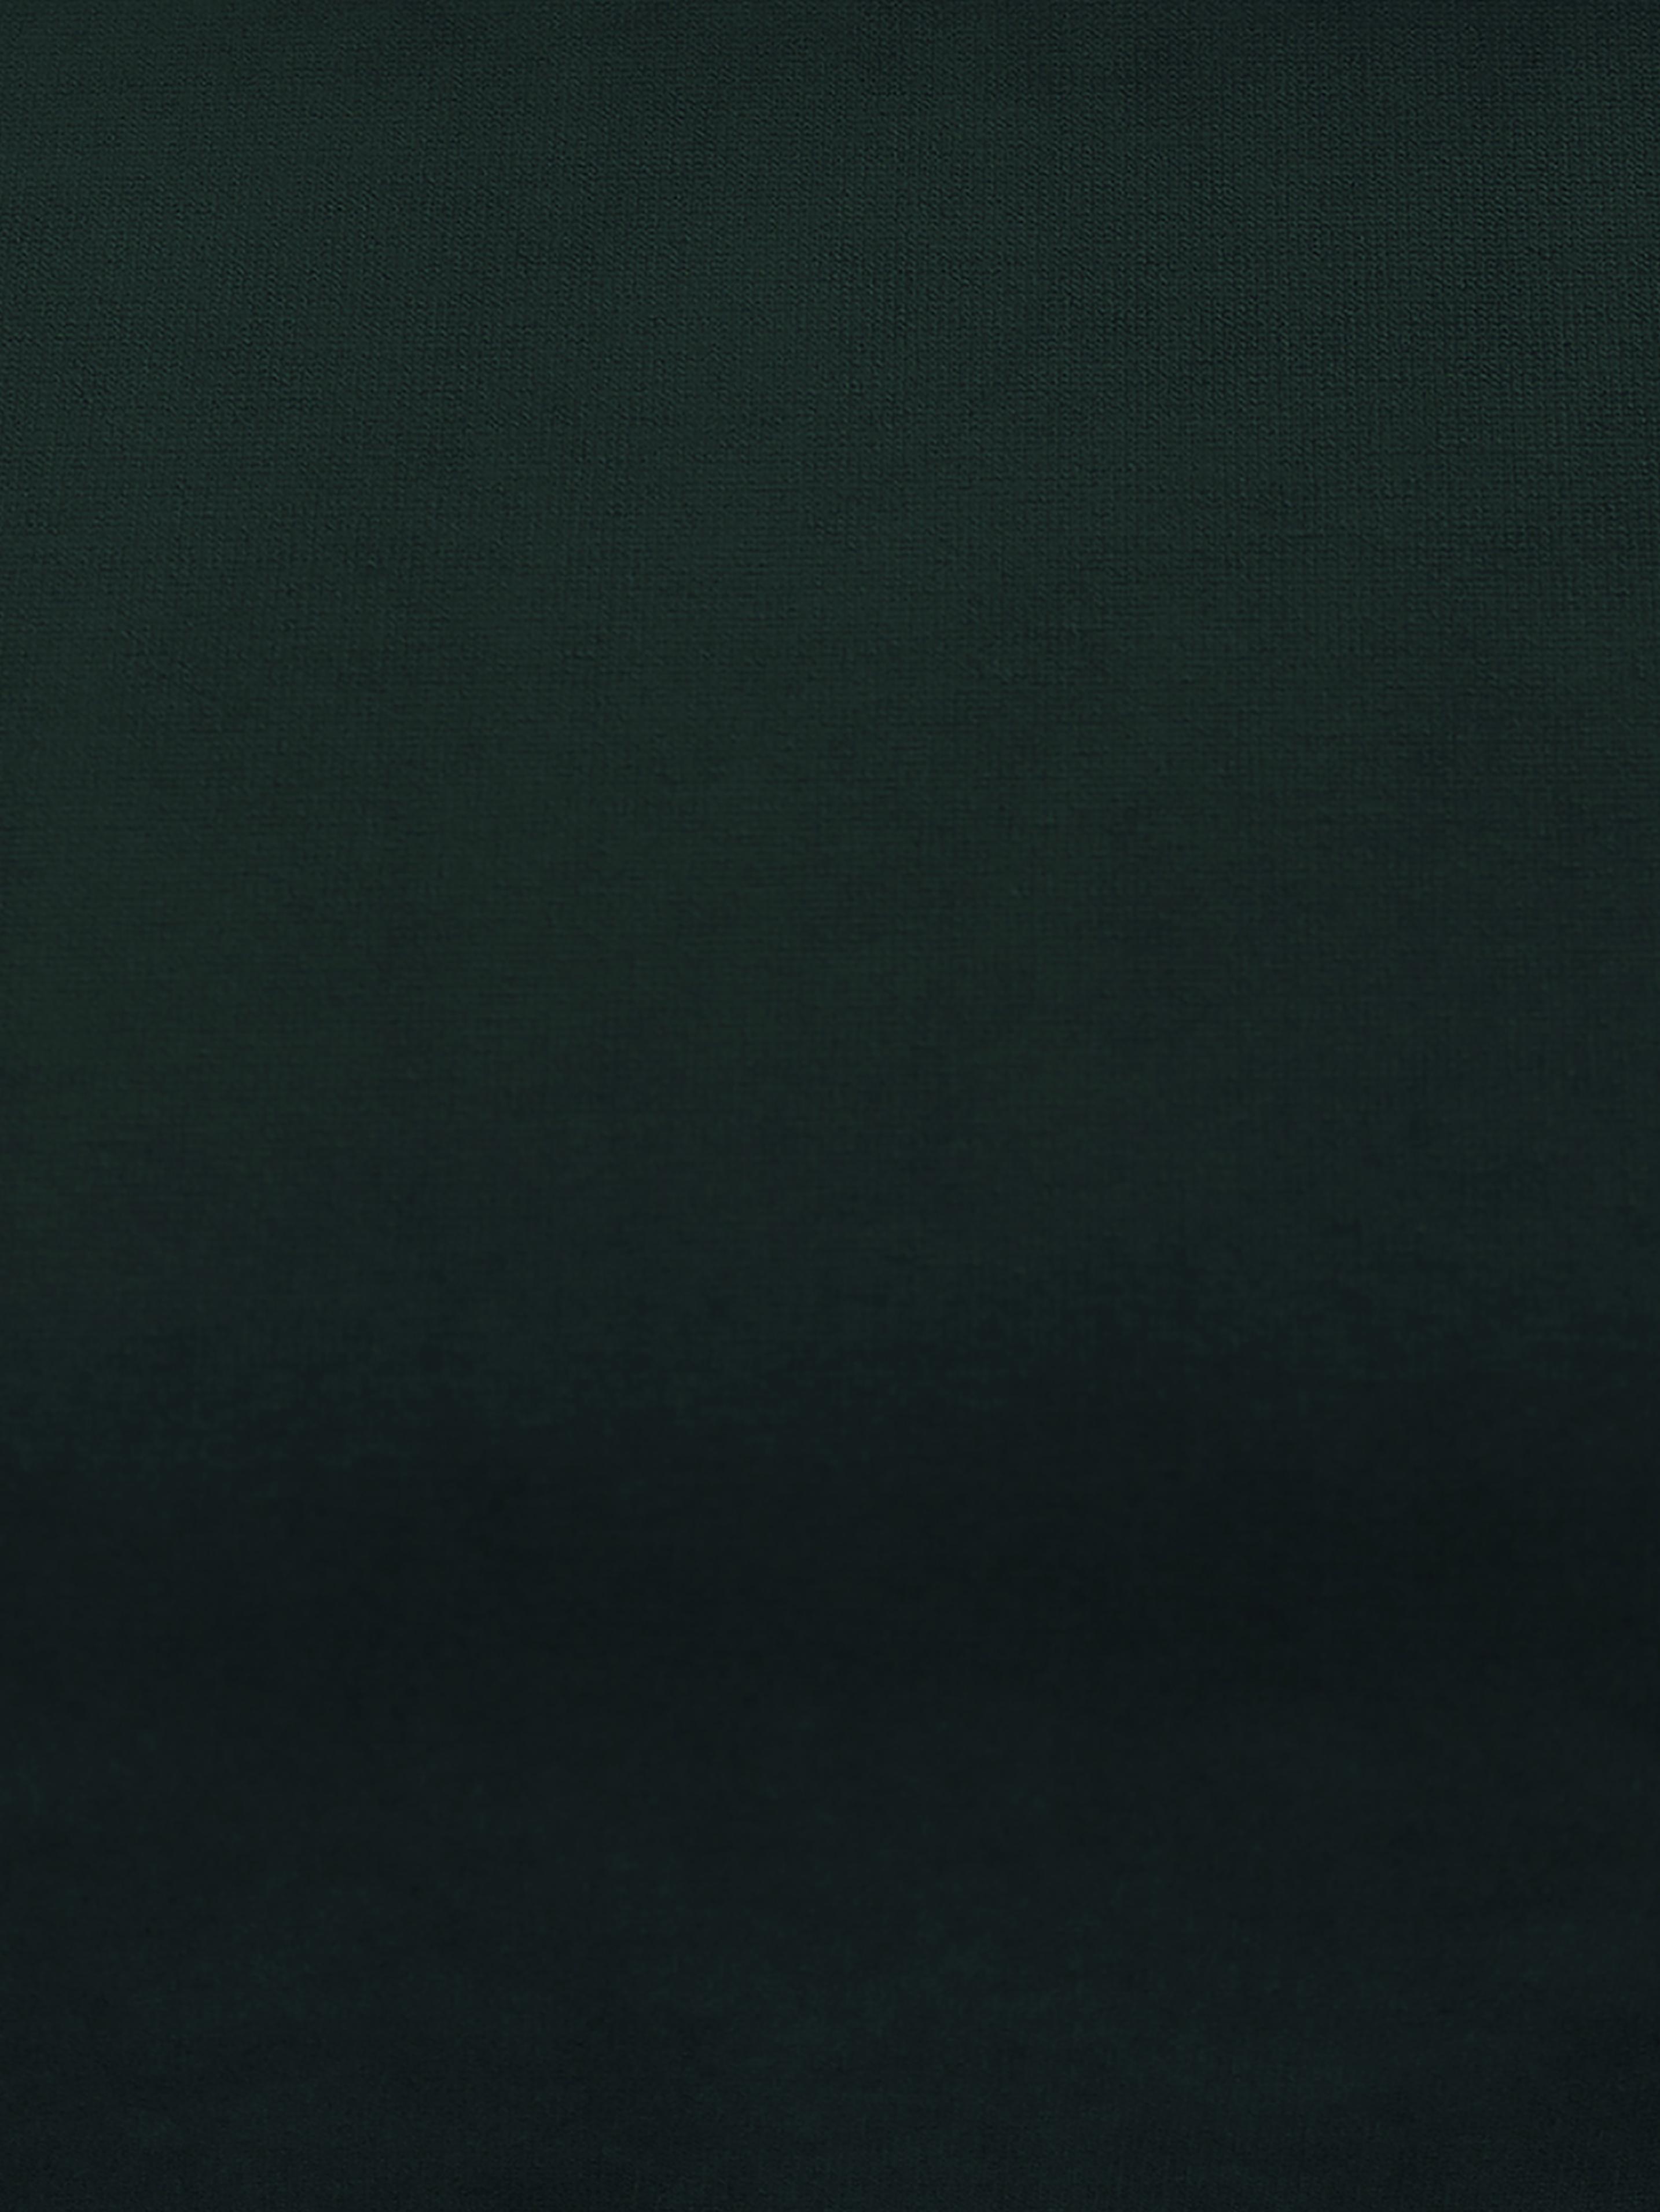 Samt-Ecksofa Moby, Bezug: Samt (Hochwertiger Polyes, Gestell: Massives Kiefernholz, Füße: Metall, pulverbeschichtet, Samt Dunkelgrün, B 280 x T 160 cm